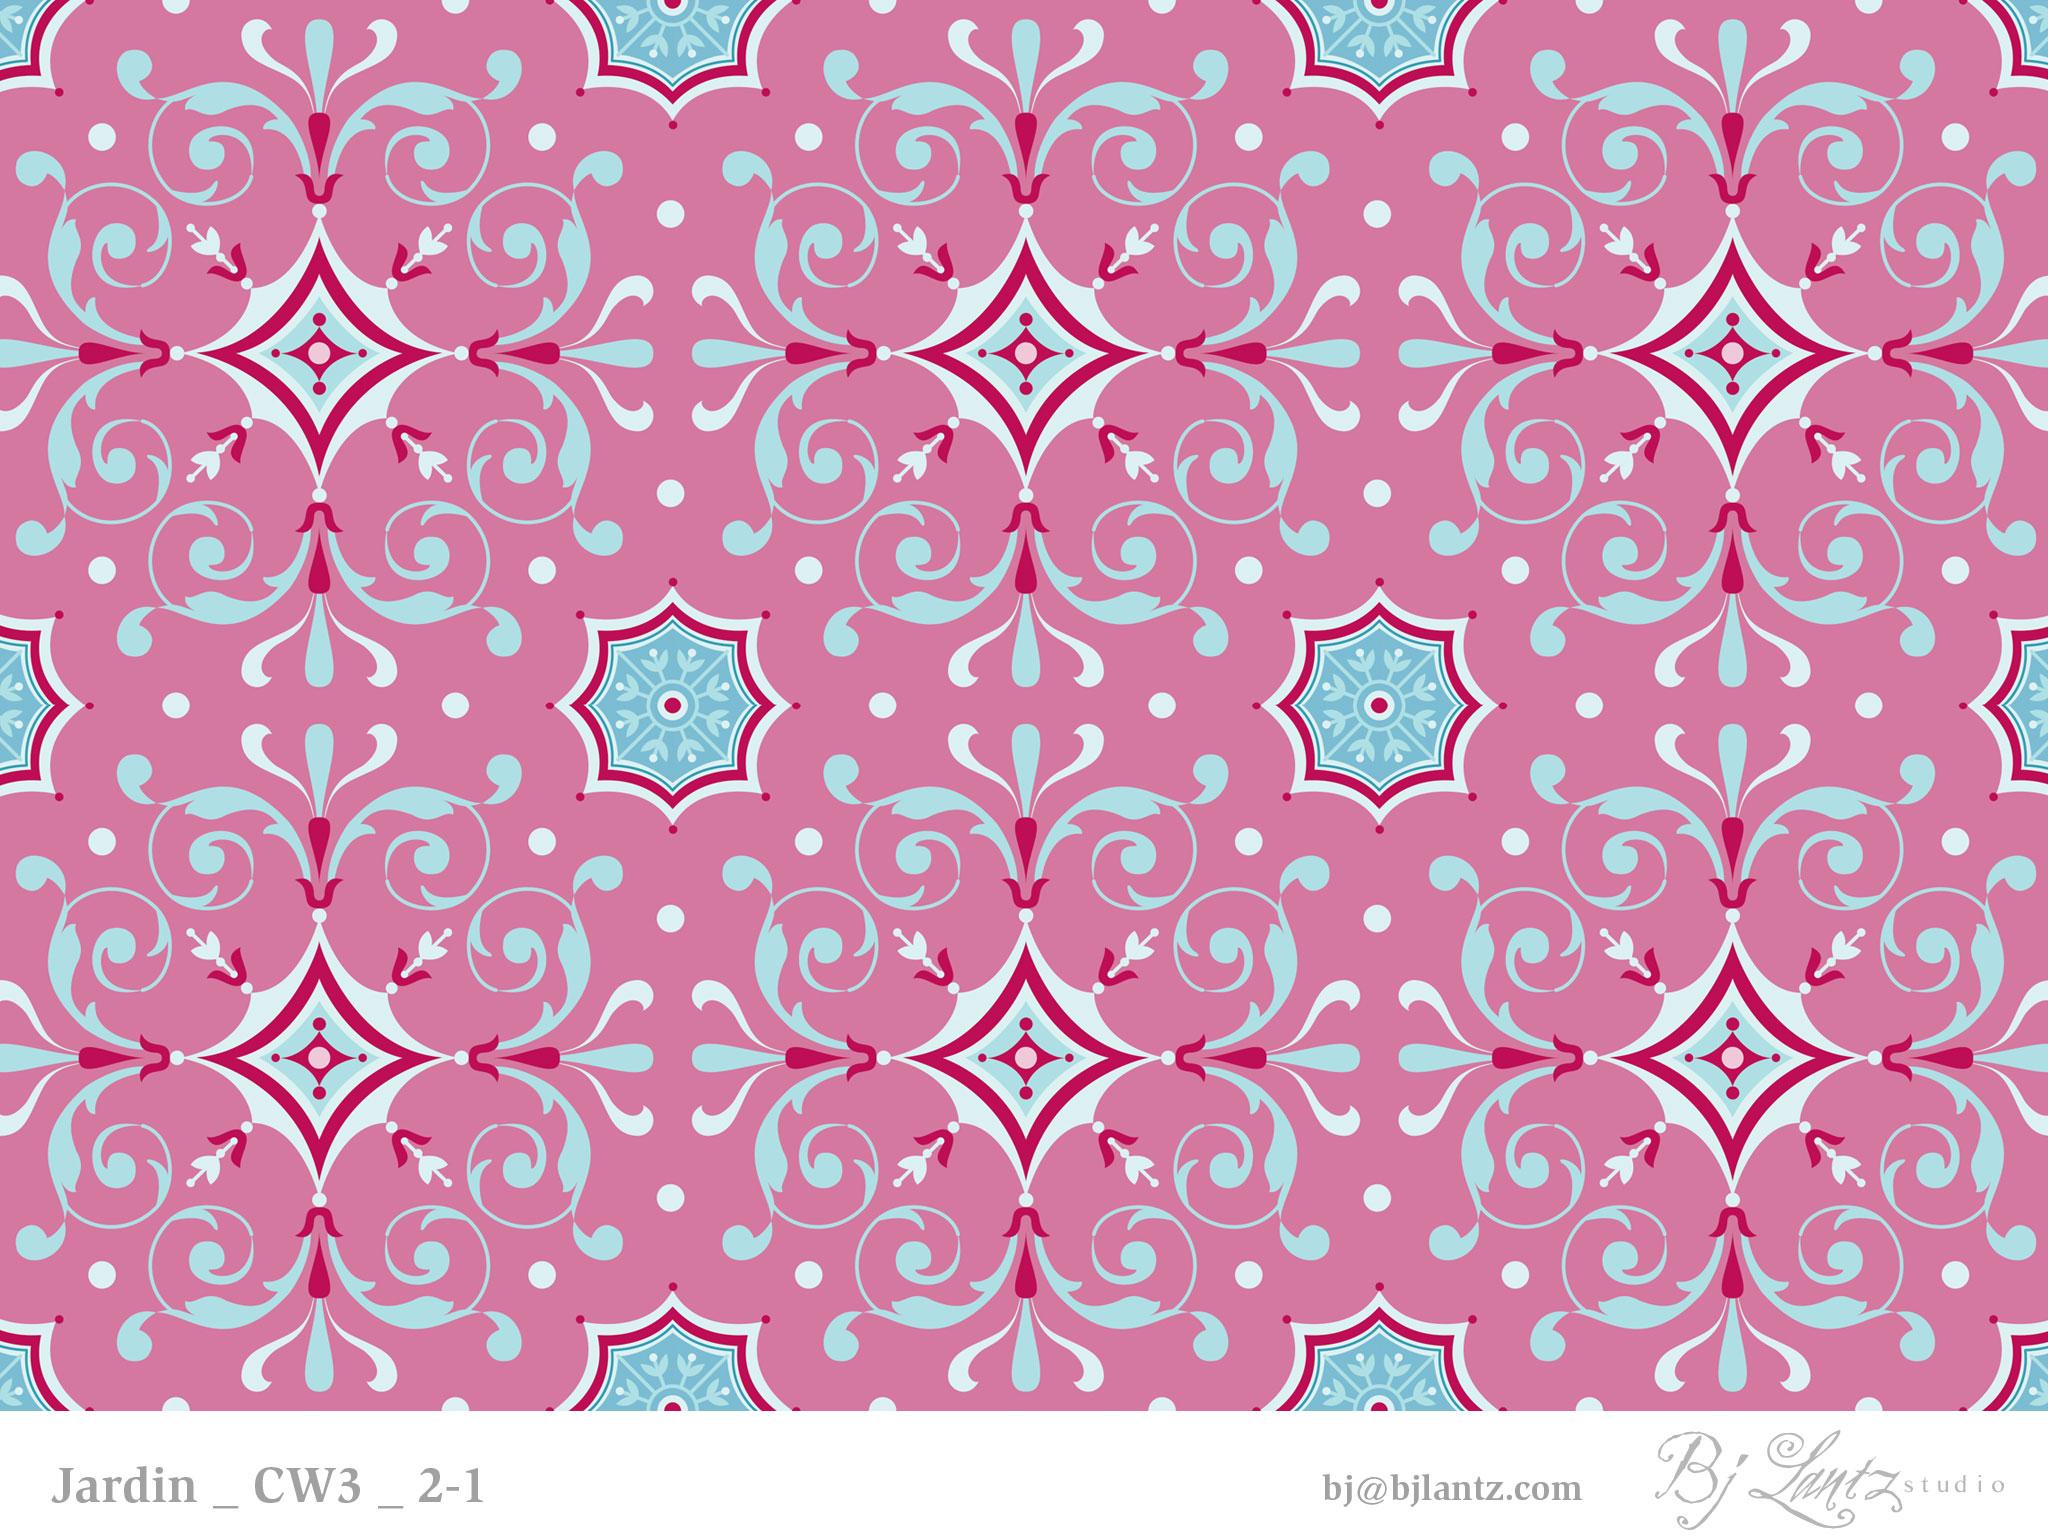 Jardin_CW3-BJ-Lantz_2-1.jpg